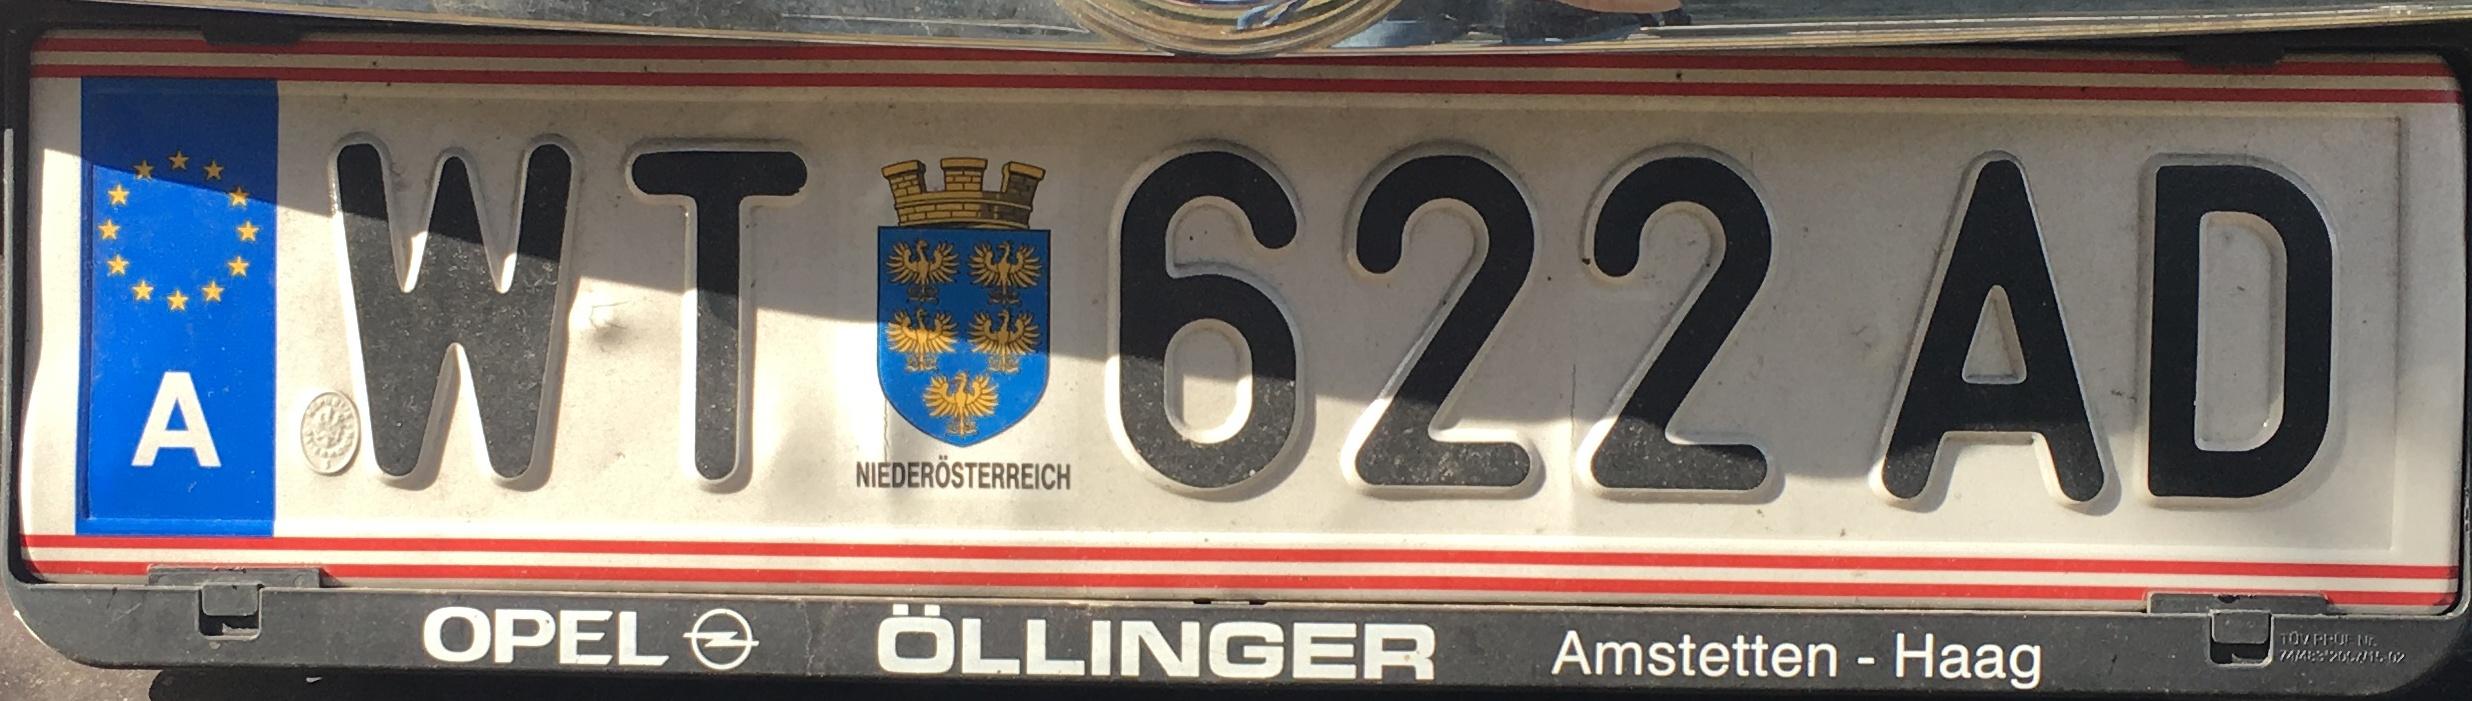 Registrační značka Rakousko - WT - Waidhofen an der Thaya, foto: Po dálnici.cz